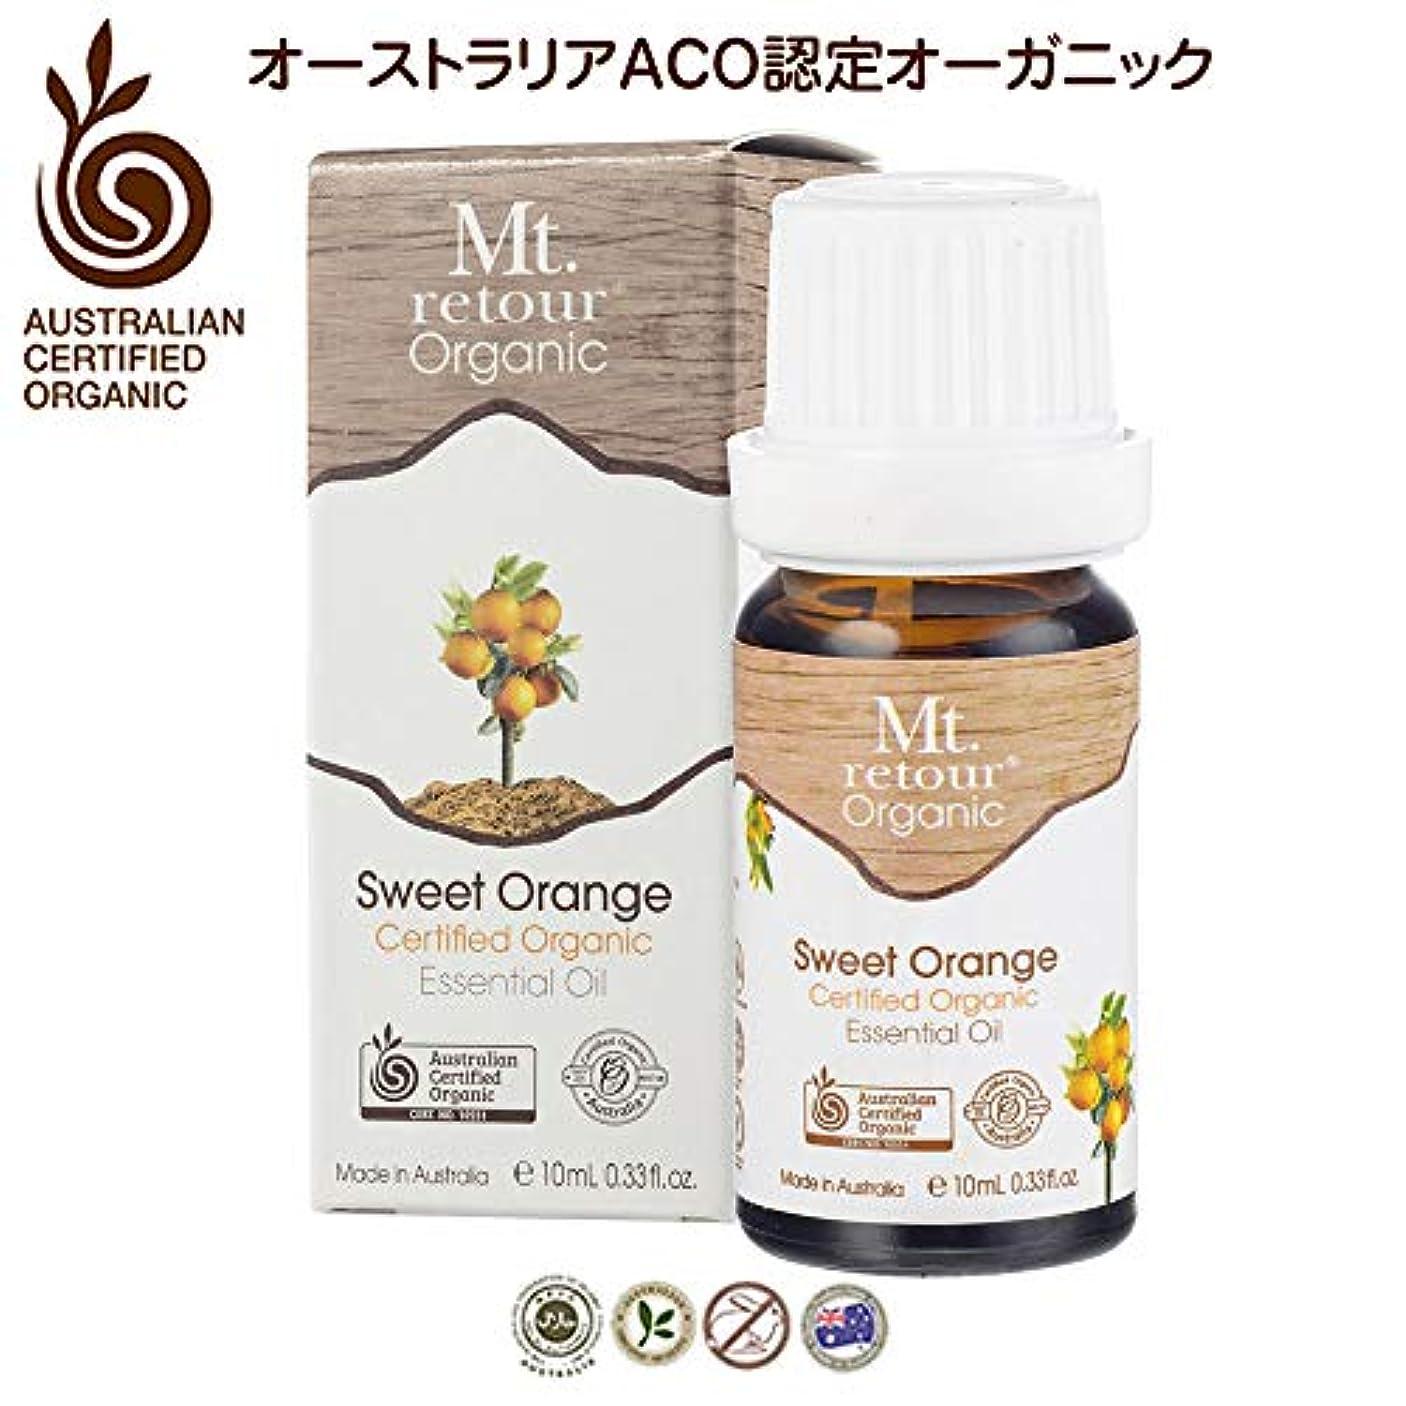 侵入する余分なクロニクルMt. retour ACO認定オーガニック オレンジスイート 10ml エッセンシャルオイル(無農薬有機)アロマ